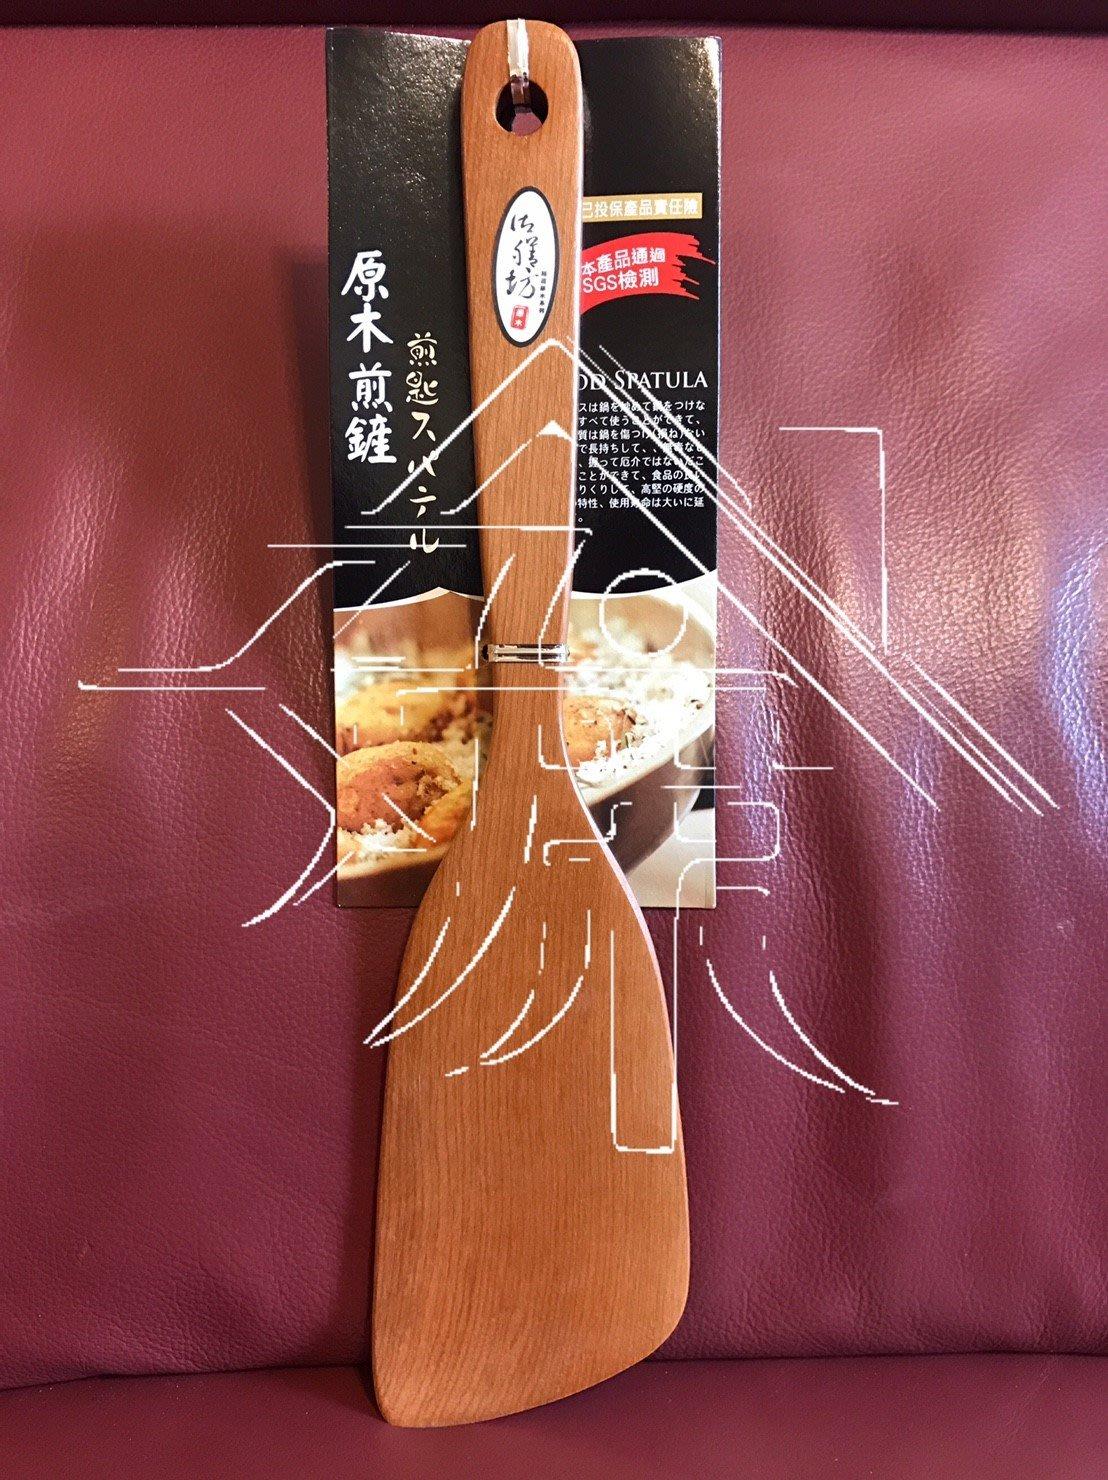 御膳坊 原木斜煎鏟 斜木煎 木煎匙 炒菜匙 原木煎匙 鍋鏟 好康屋